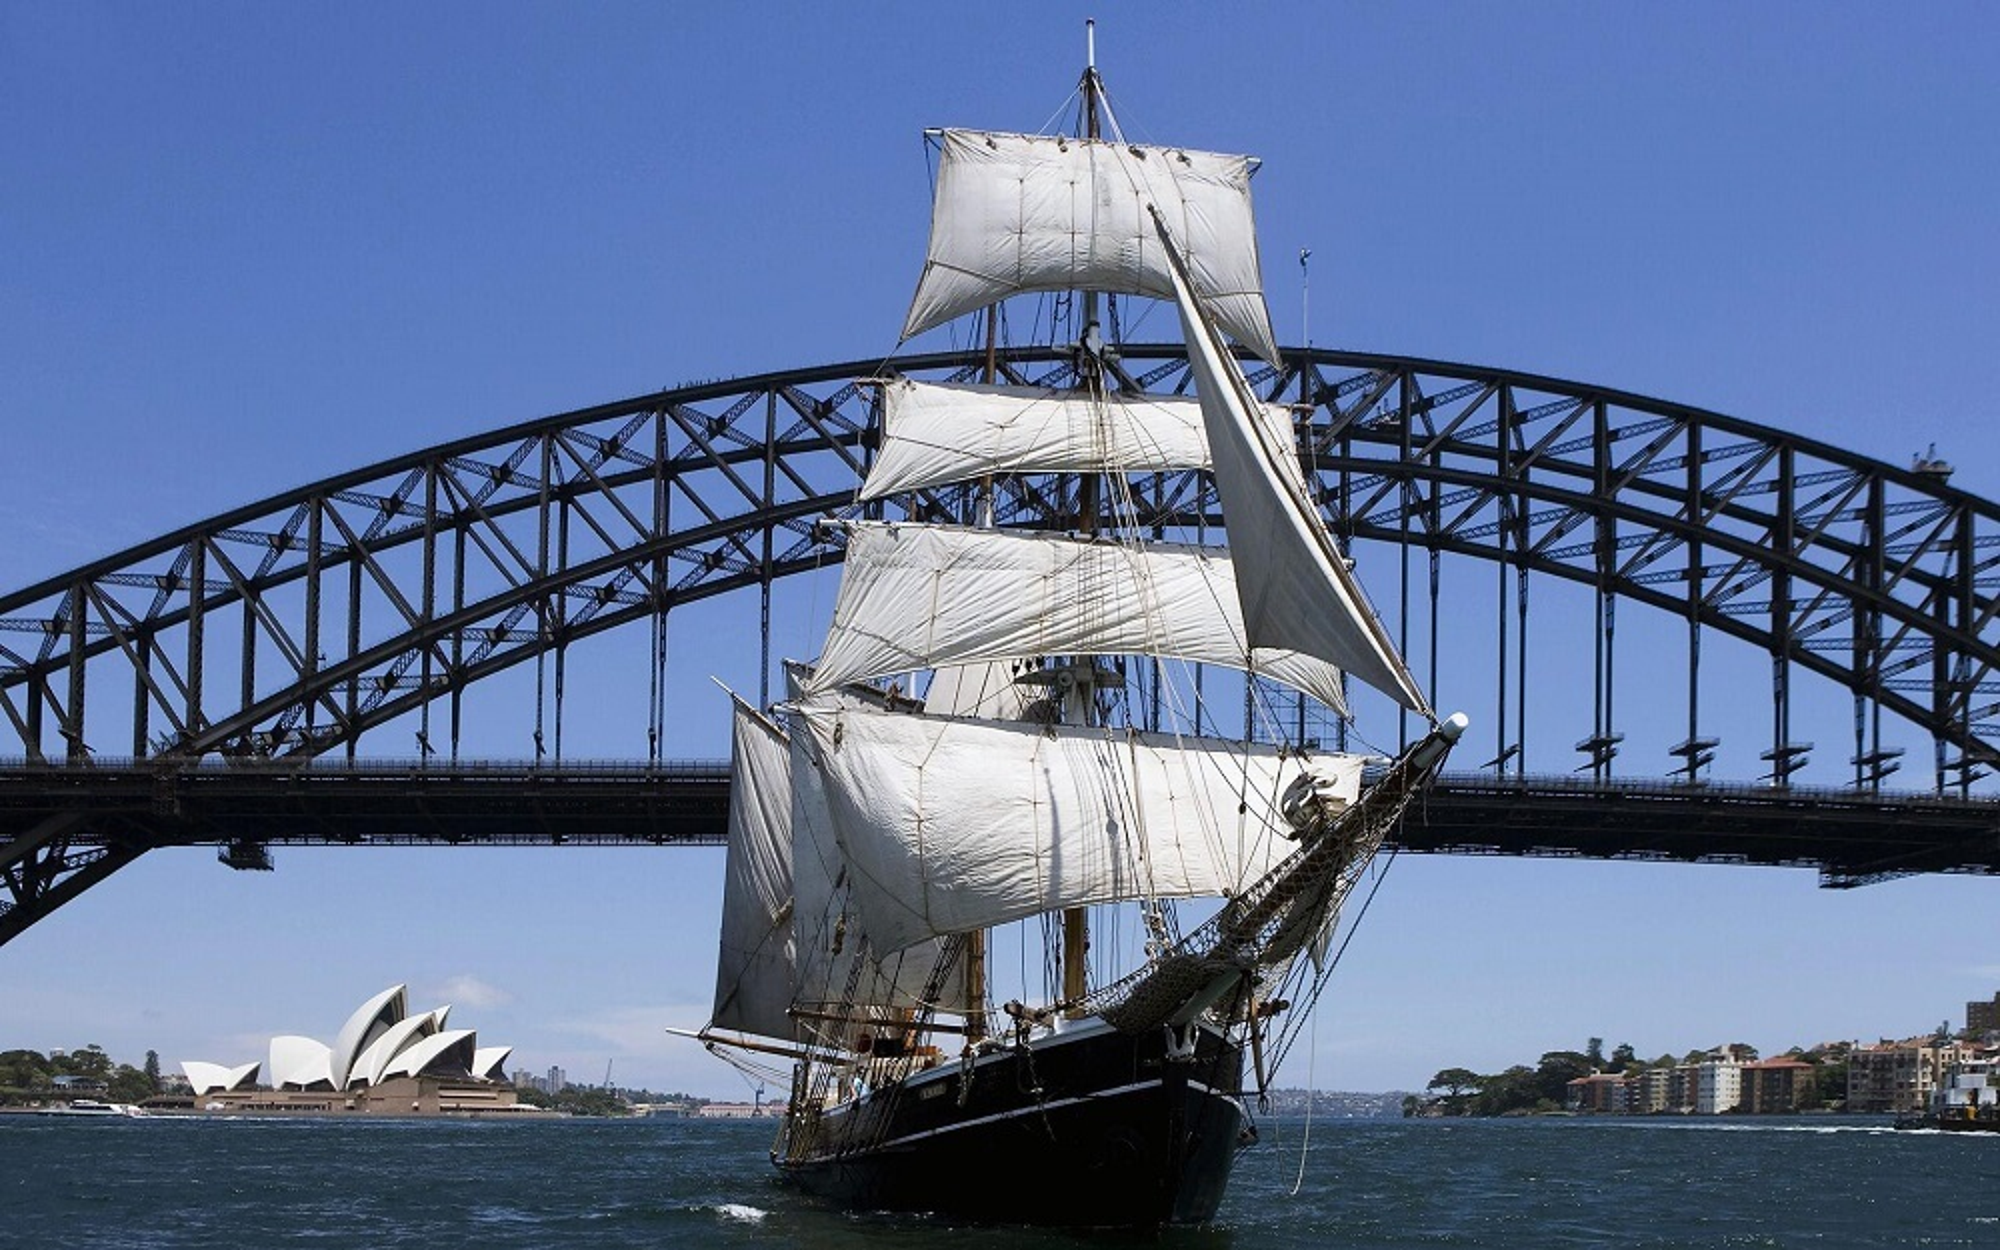 Croisière dans la baie de Sydney sur un voilier de 1850